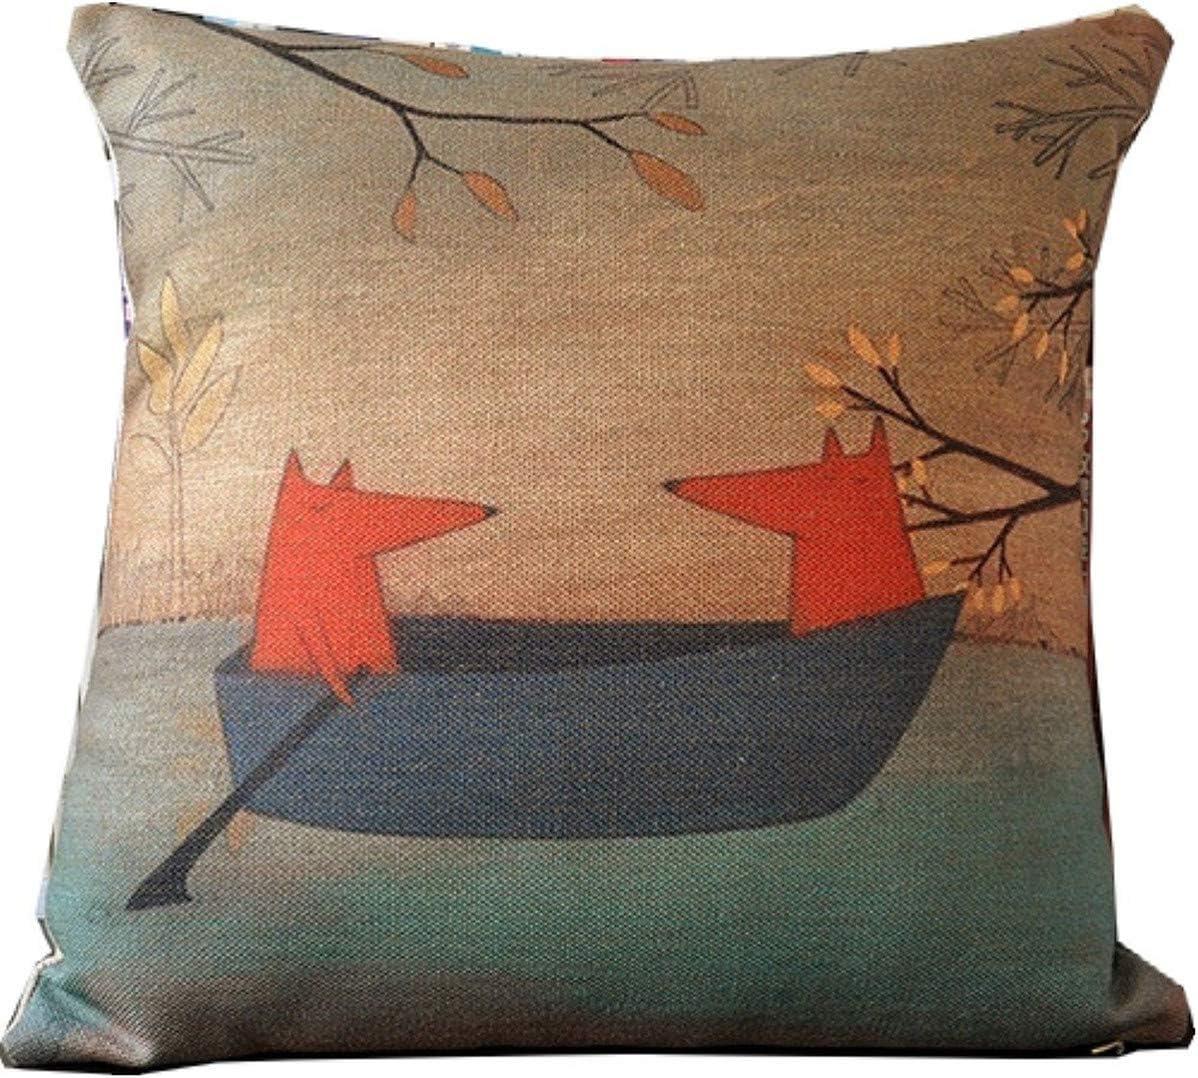 d/écoration de la taille du canap/é Throw Pillow Cover Nouvelle taie doreiller en coton imprim/é de chat noir pour la housse de coussin en coton pour v/éhicules de camping